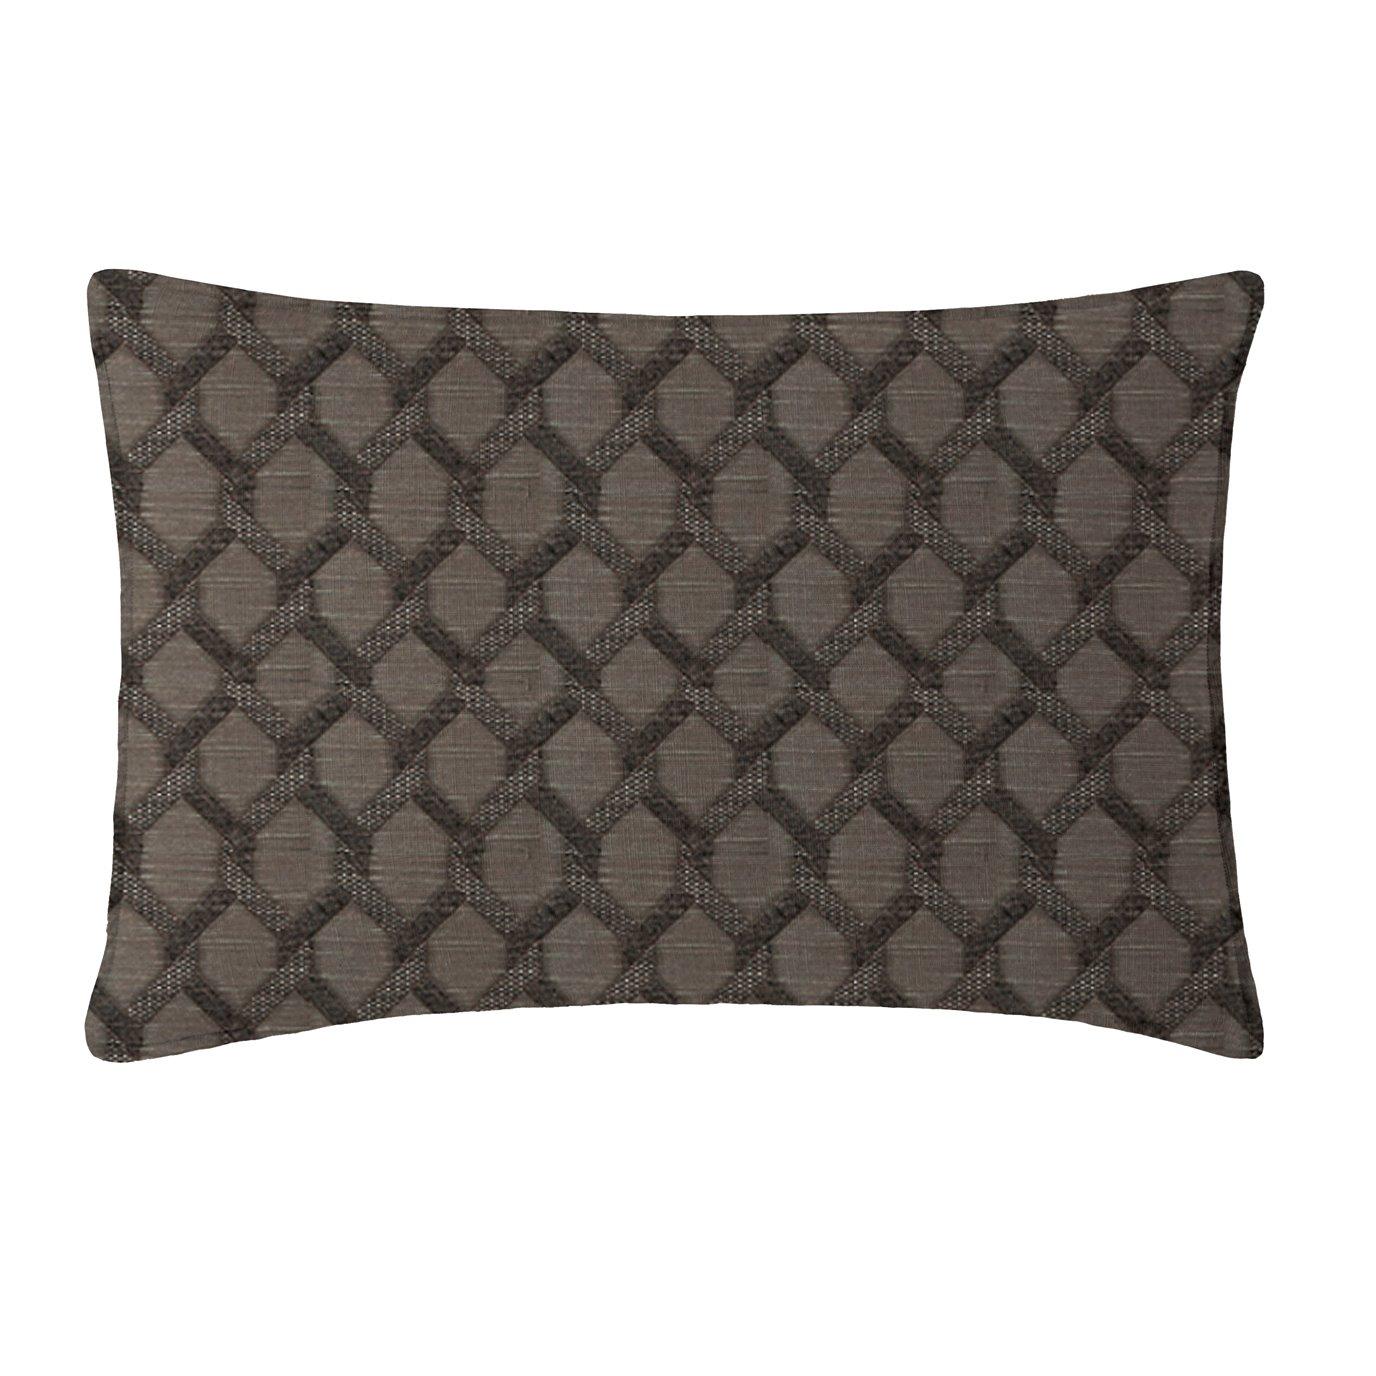 Malden Charcoal Pillow Sham Standard/Queen